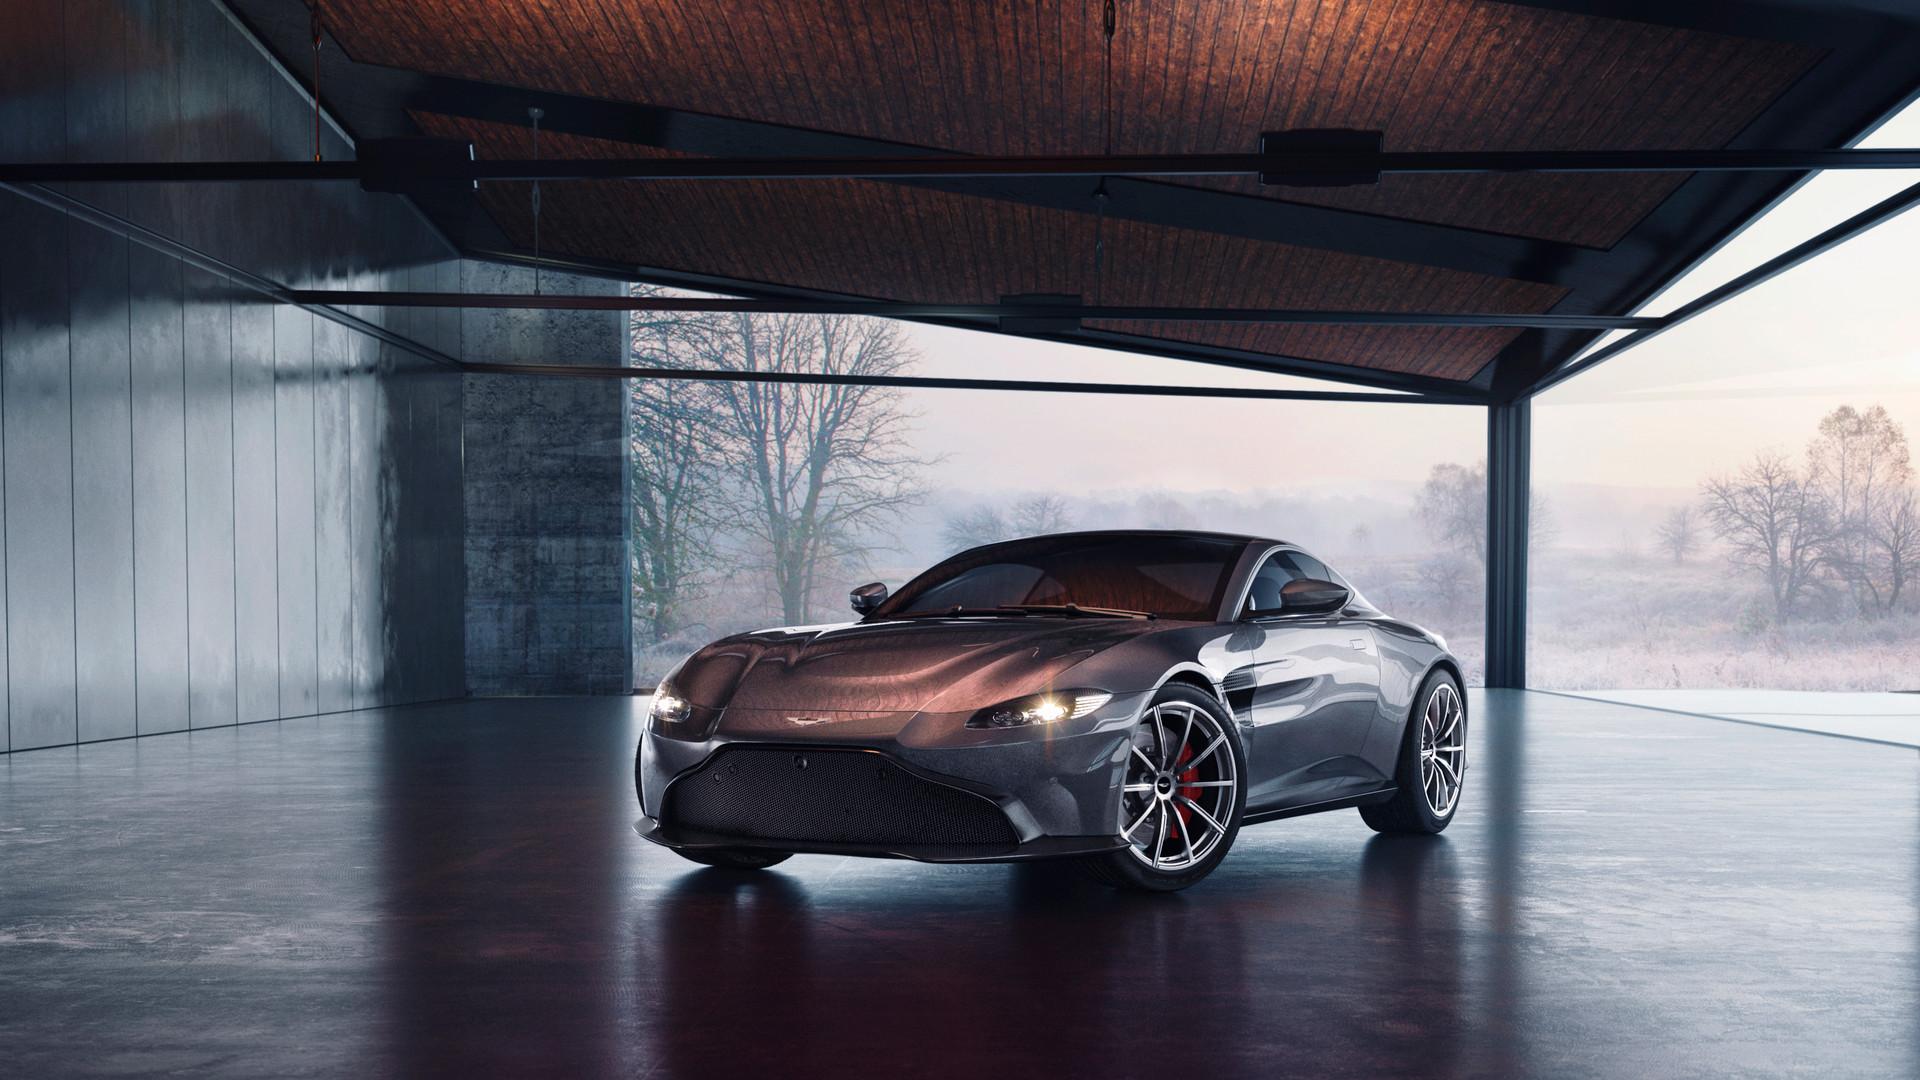 Alex Bernstein - Aston Martin